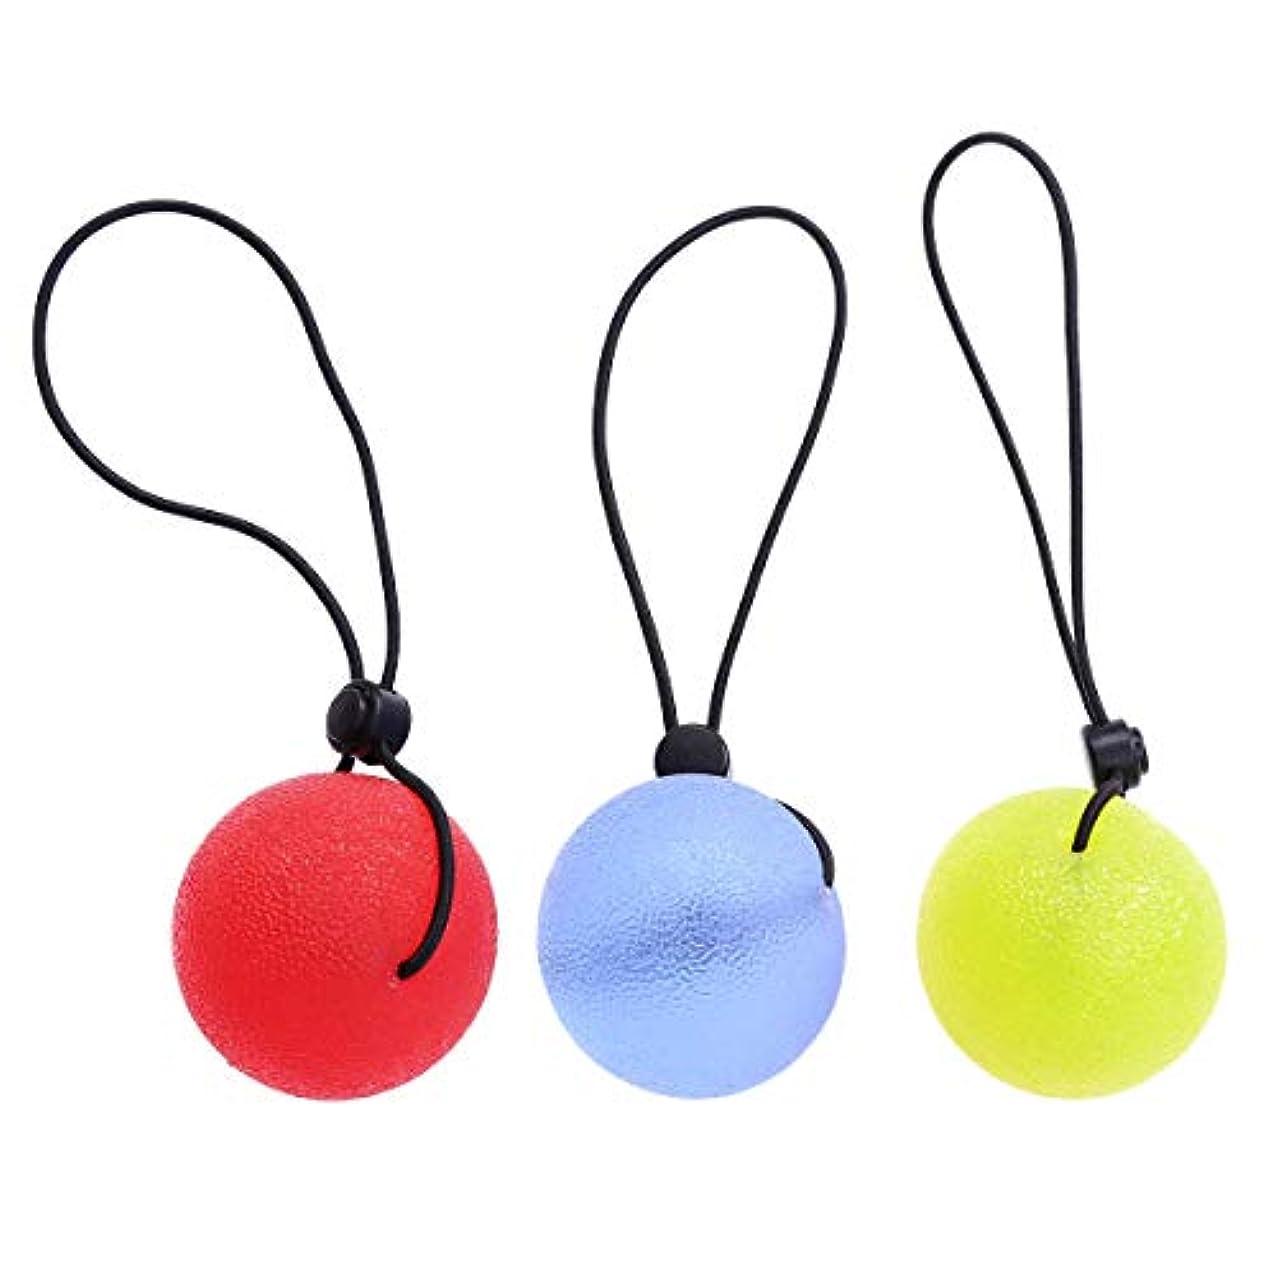 飛行場神話強風SUPVOX 3個シリコーングリップボールハンドエクササイズボールハンドセラピー強化剤トレーナー